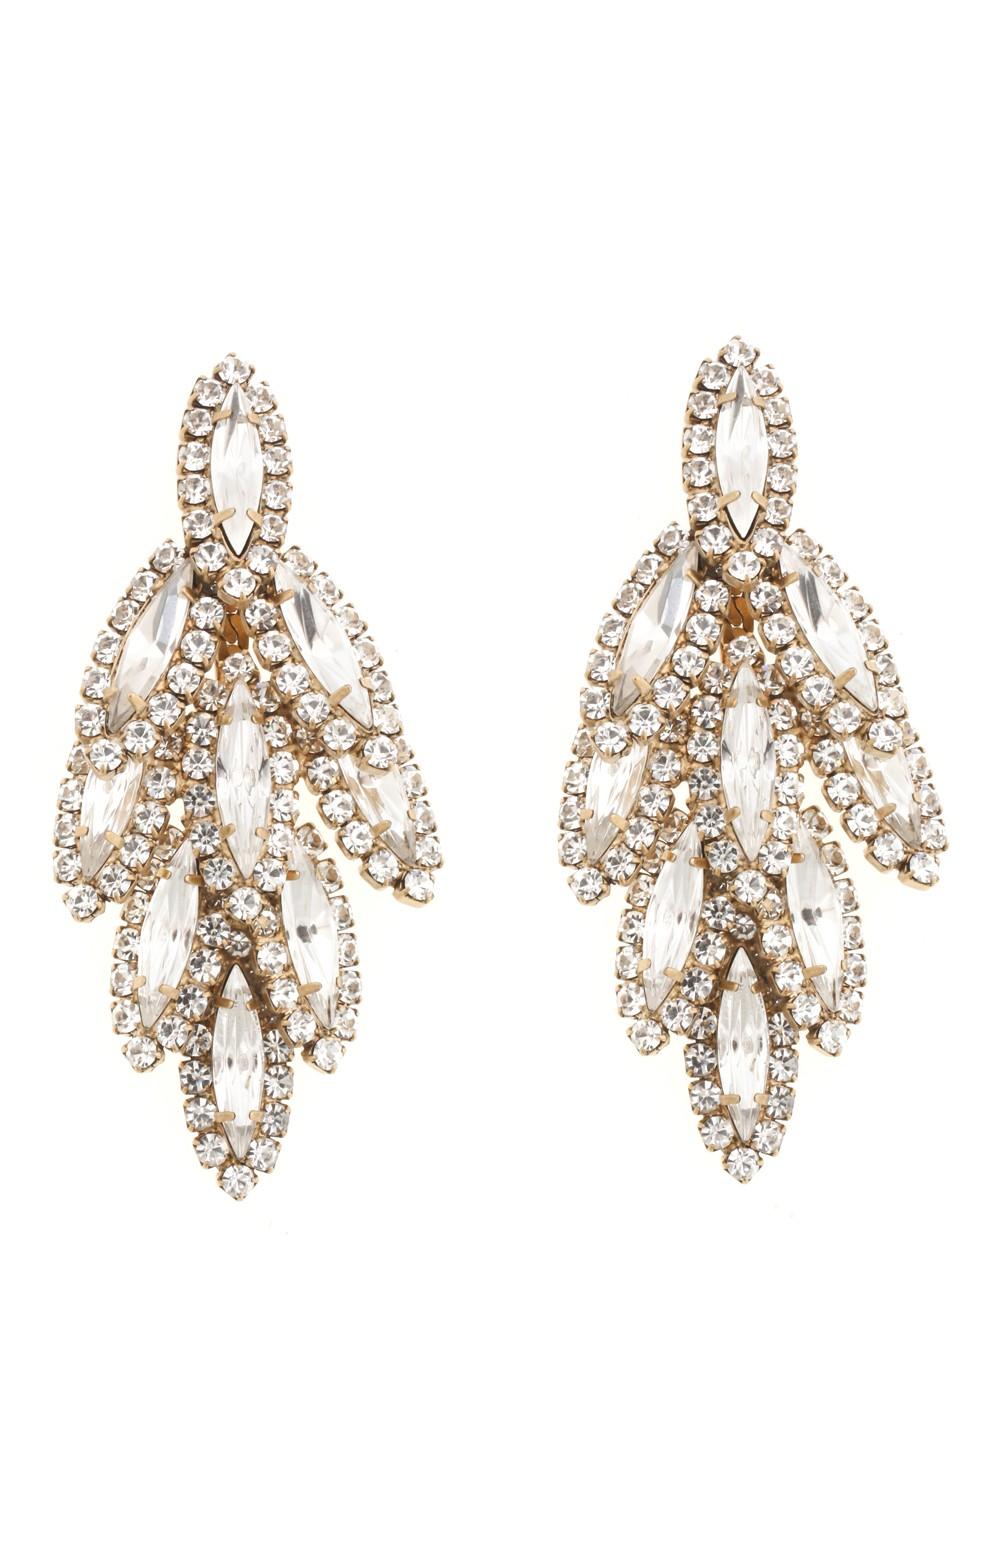 elizabeth-cole-crystal-crystal-navette-earrings-product-1-10681633-763360764.jpeg